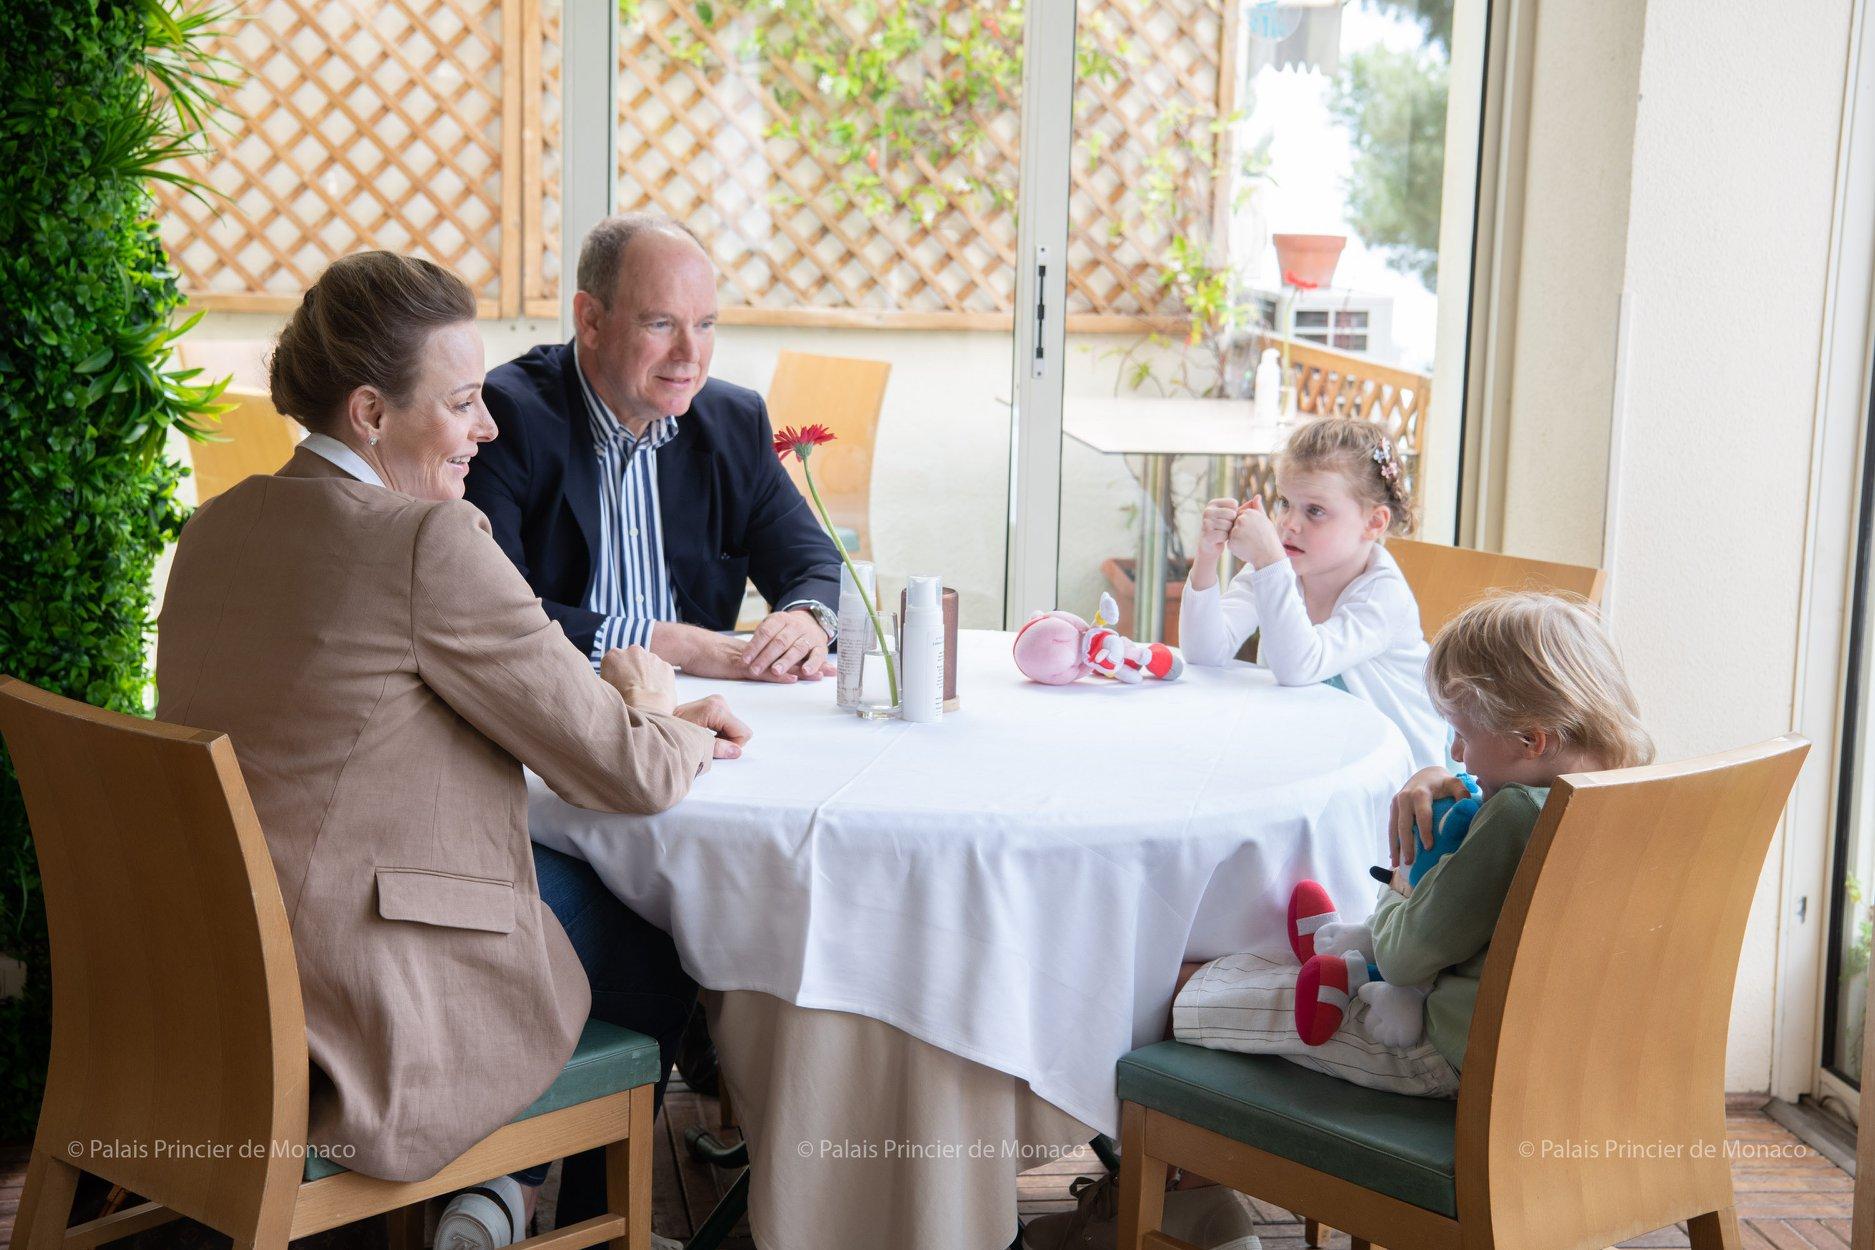 η πριγκίπισσα Σαρλίν του Μονακό με τον πρίγκιπα Αλβέρτο και τα παιδιά τους